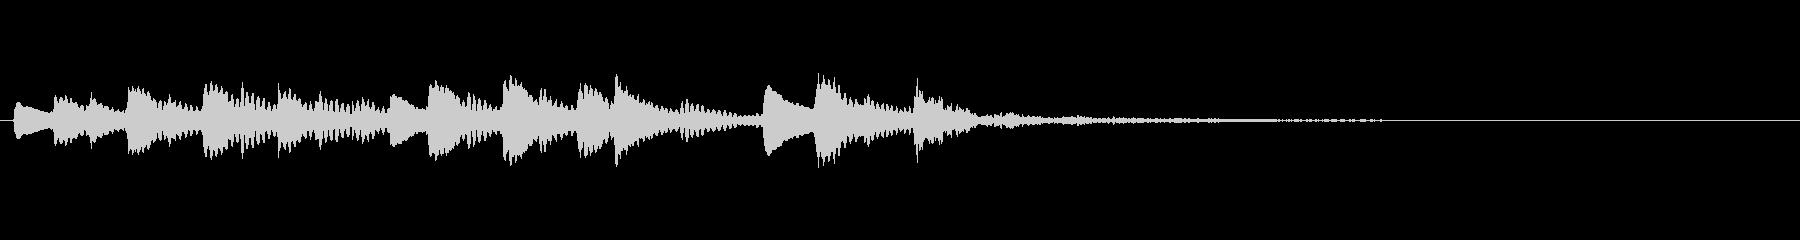 わくわく楽しそうな 木琴のアイキャッチの未再生の波形